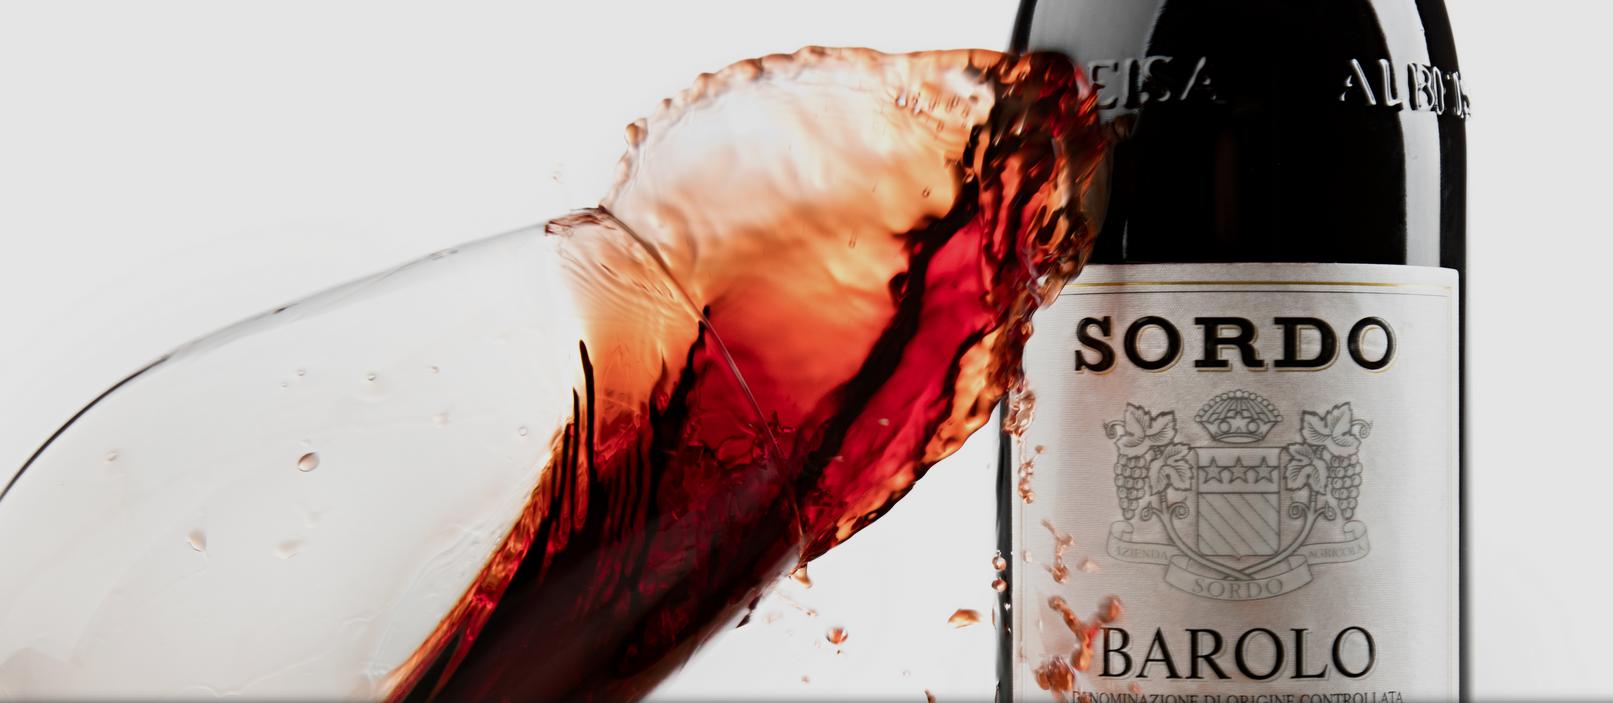 Foto-Flasche-Wein-Glas-Barolo-Piemont